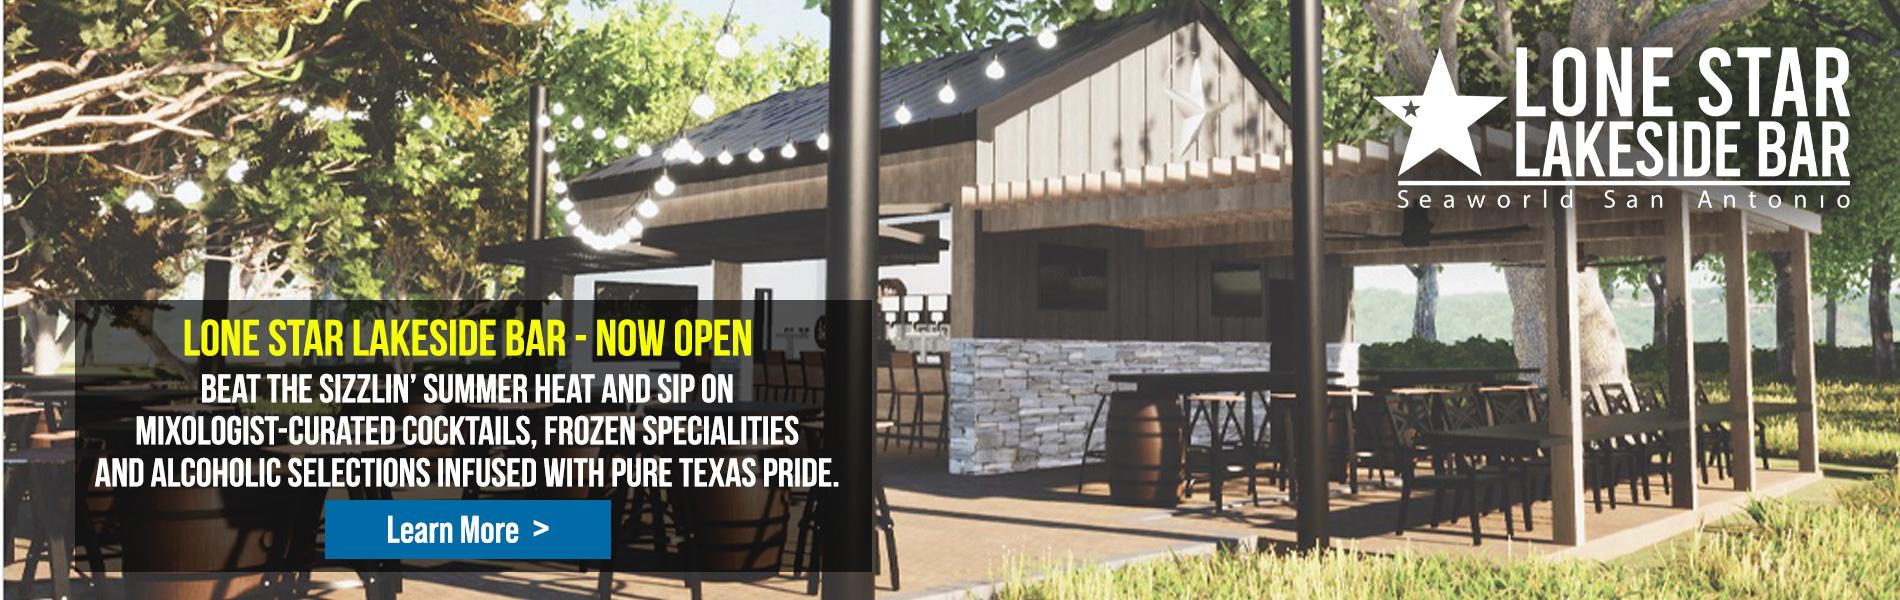 Lonestar Lakeside Bar Now Open